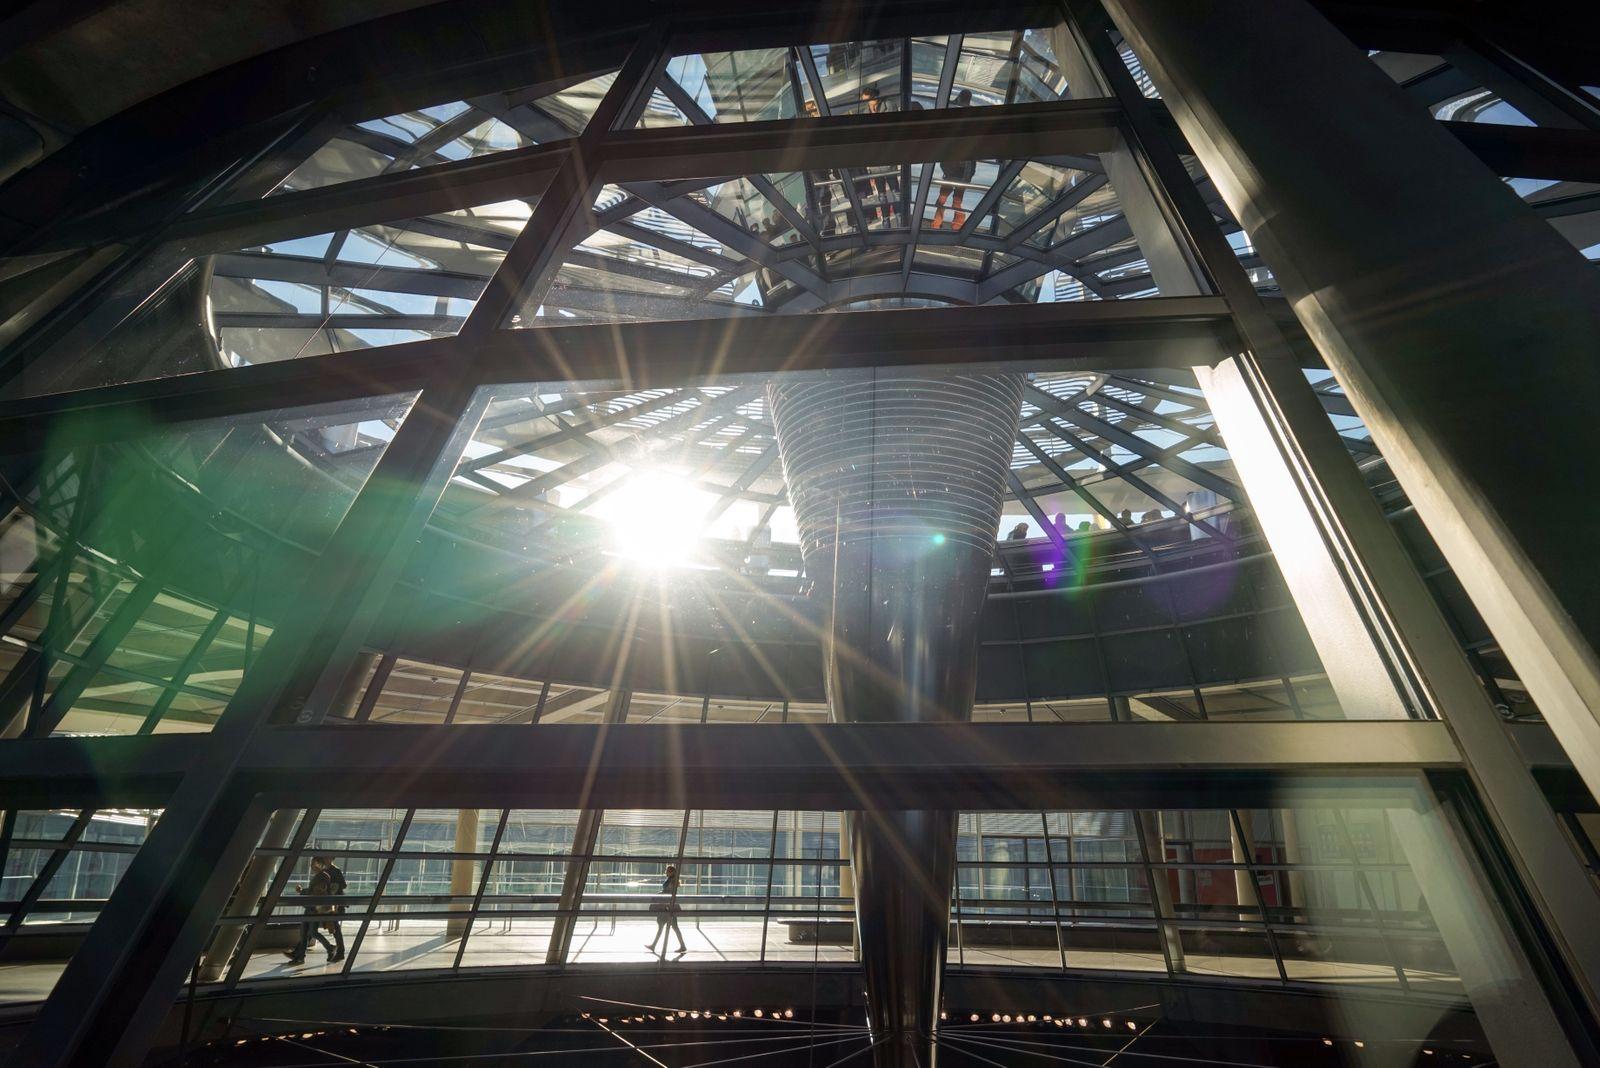 Deutscher Bundestag - Kuppel, Berlin